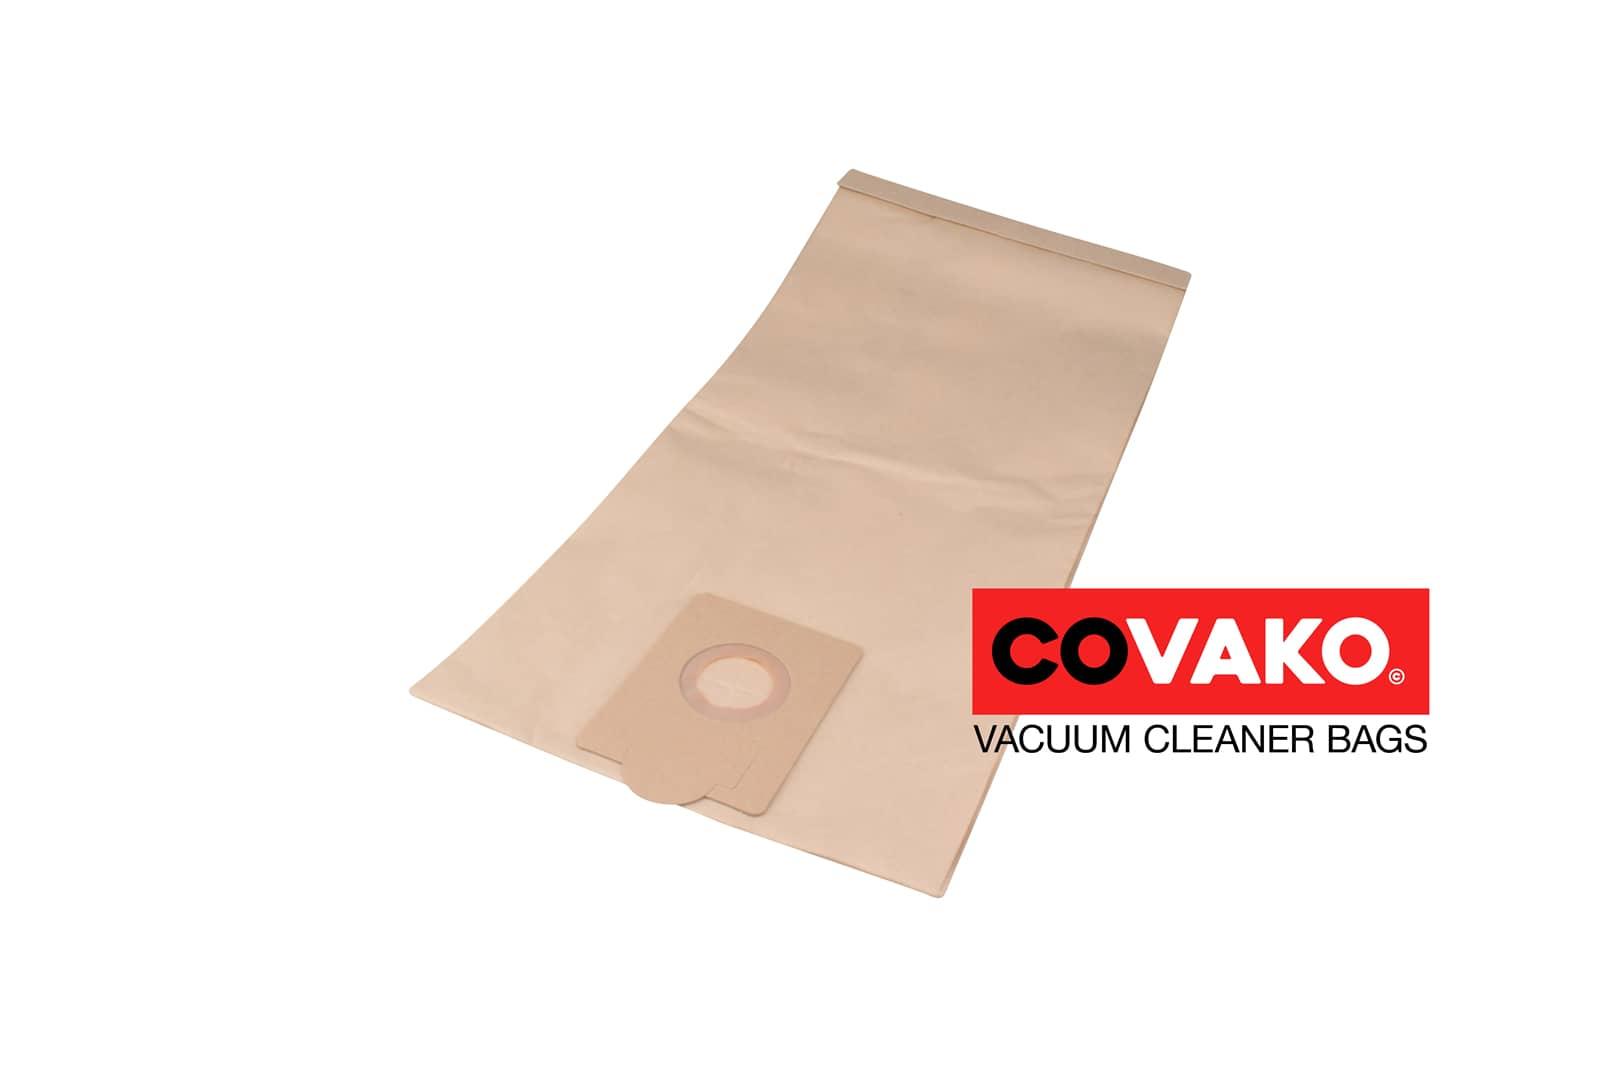 Hako Supervac 290 / Papier - Hako stofzuigerzakken